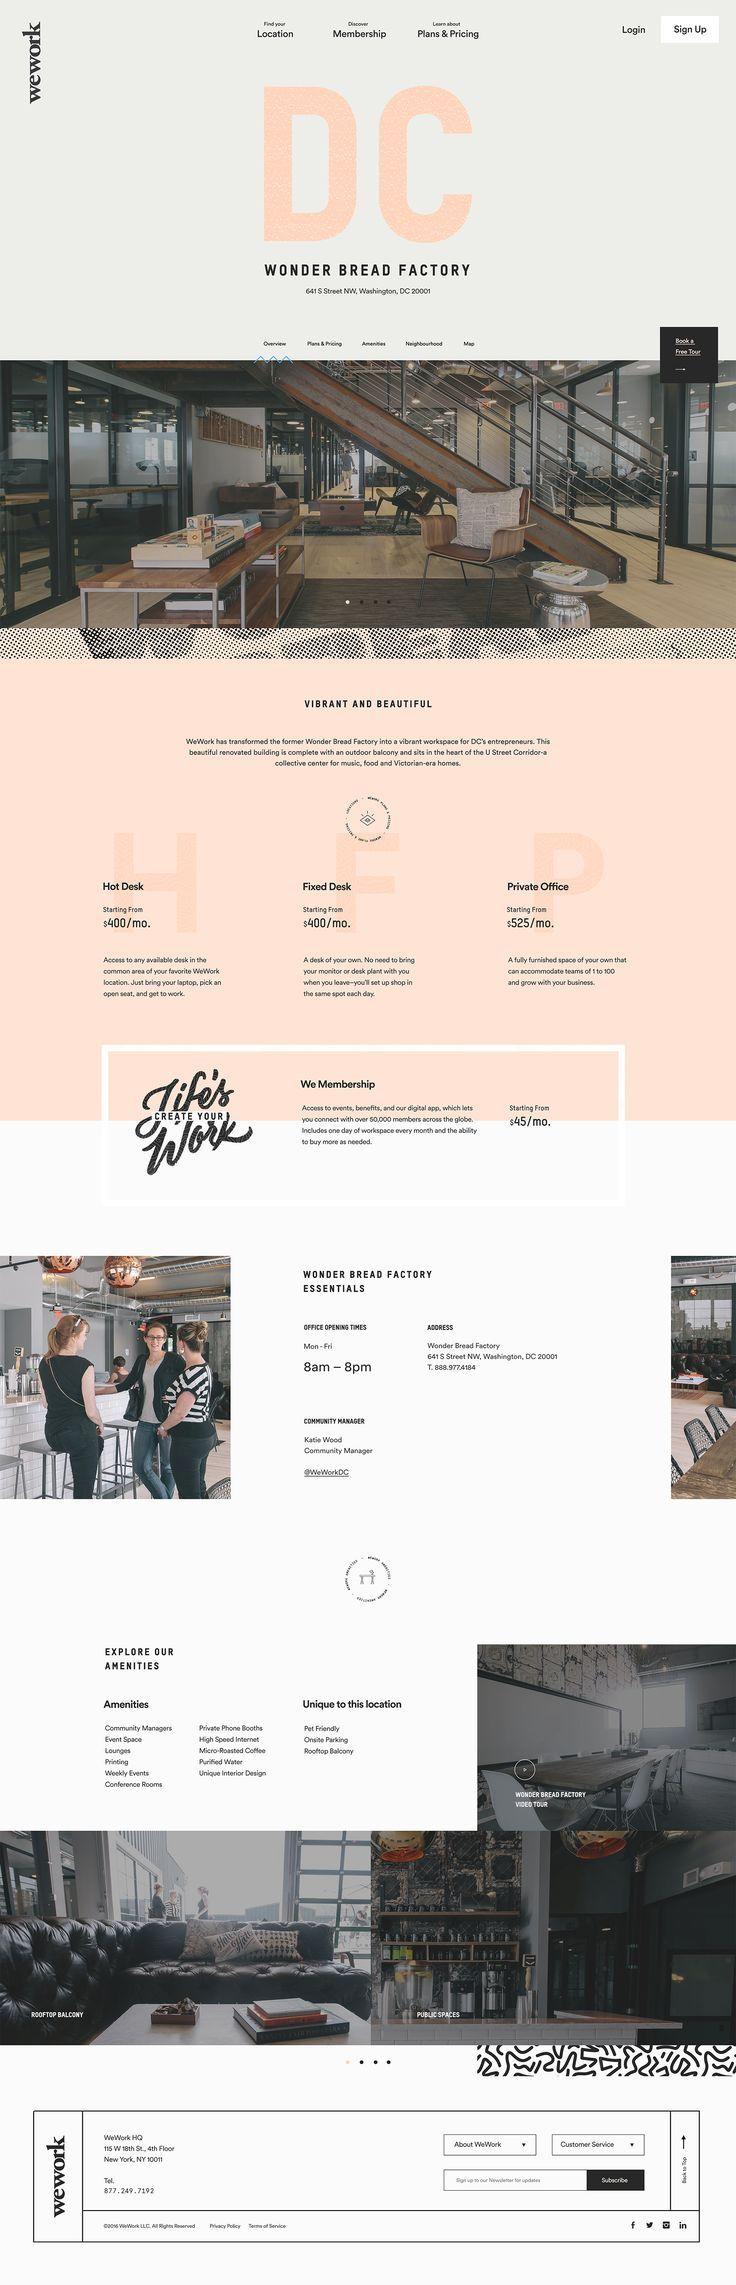 WeWork website concept